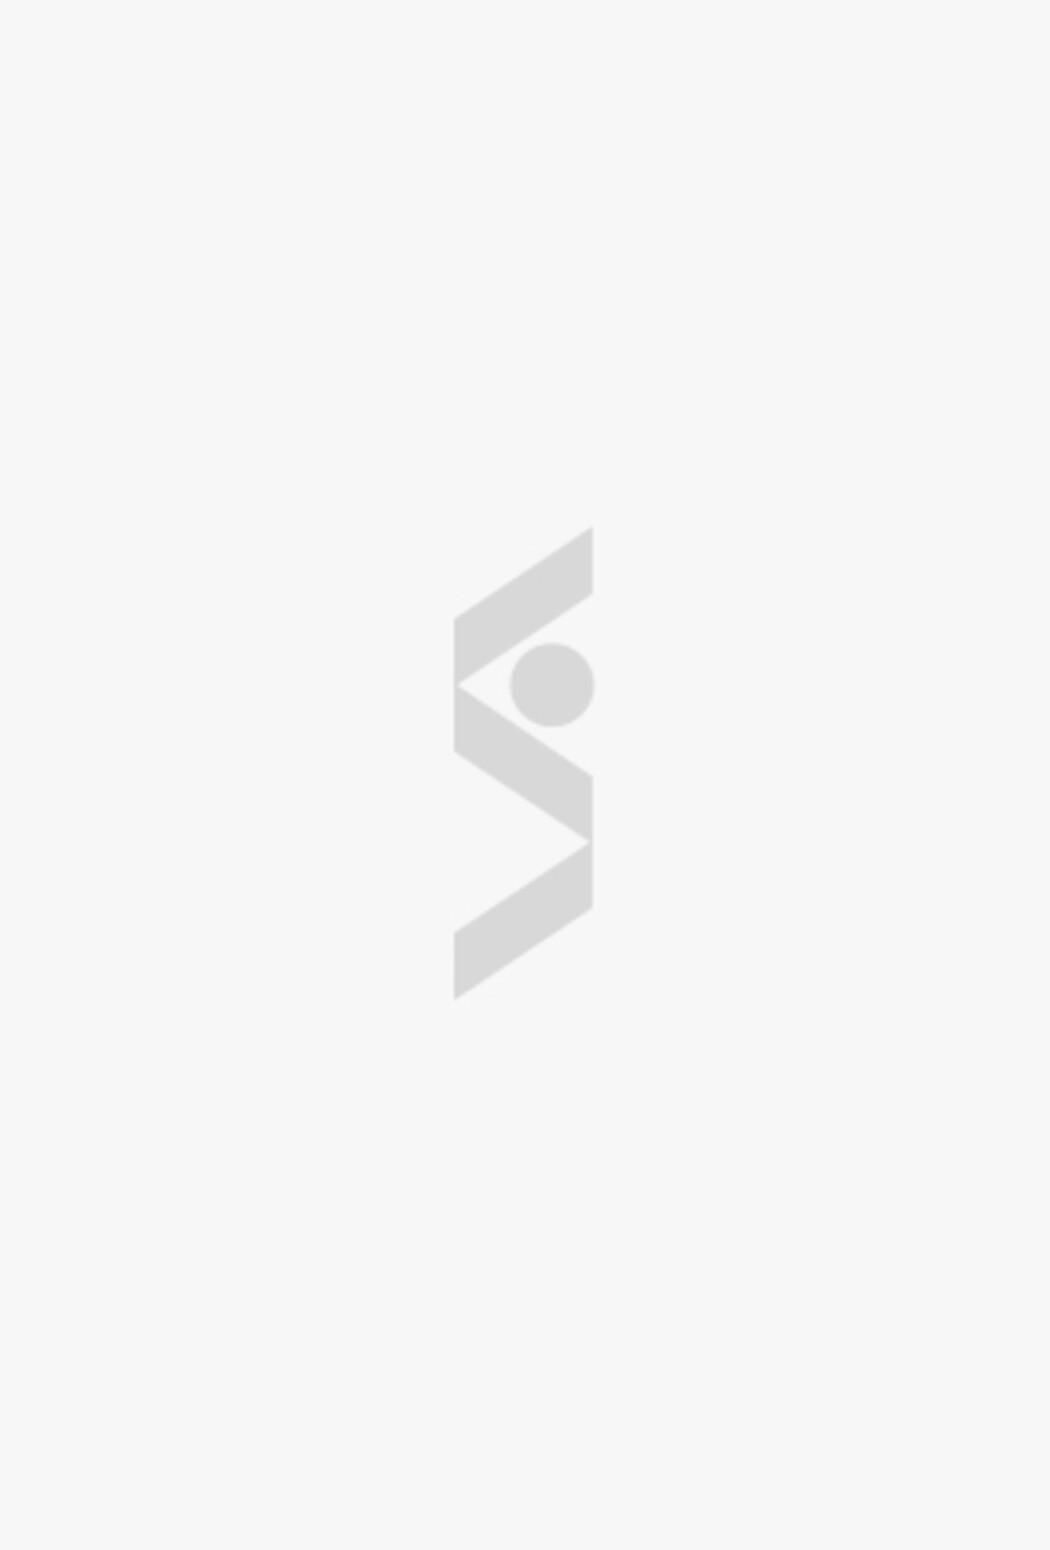 Полотенце из хлопка adda Villa Stockmann - цена 290 ₽ купить в интернет-магазине СТОКМАНН в Москве